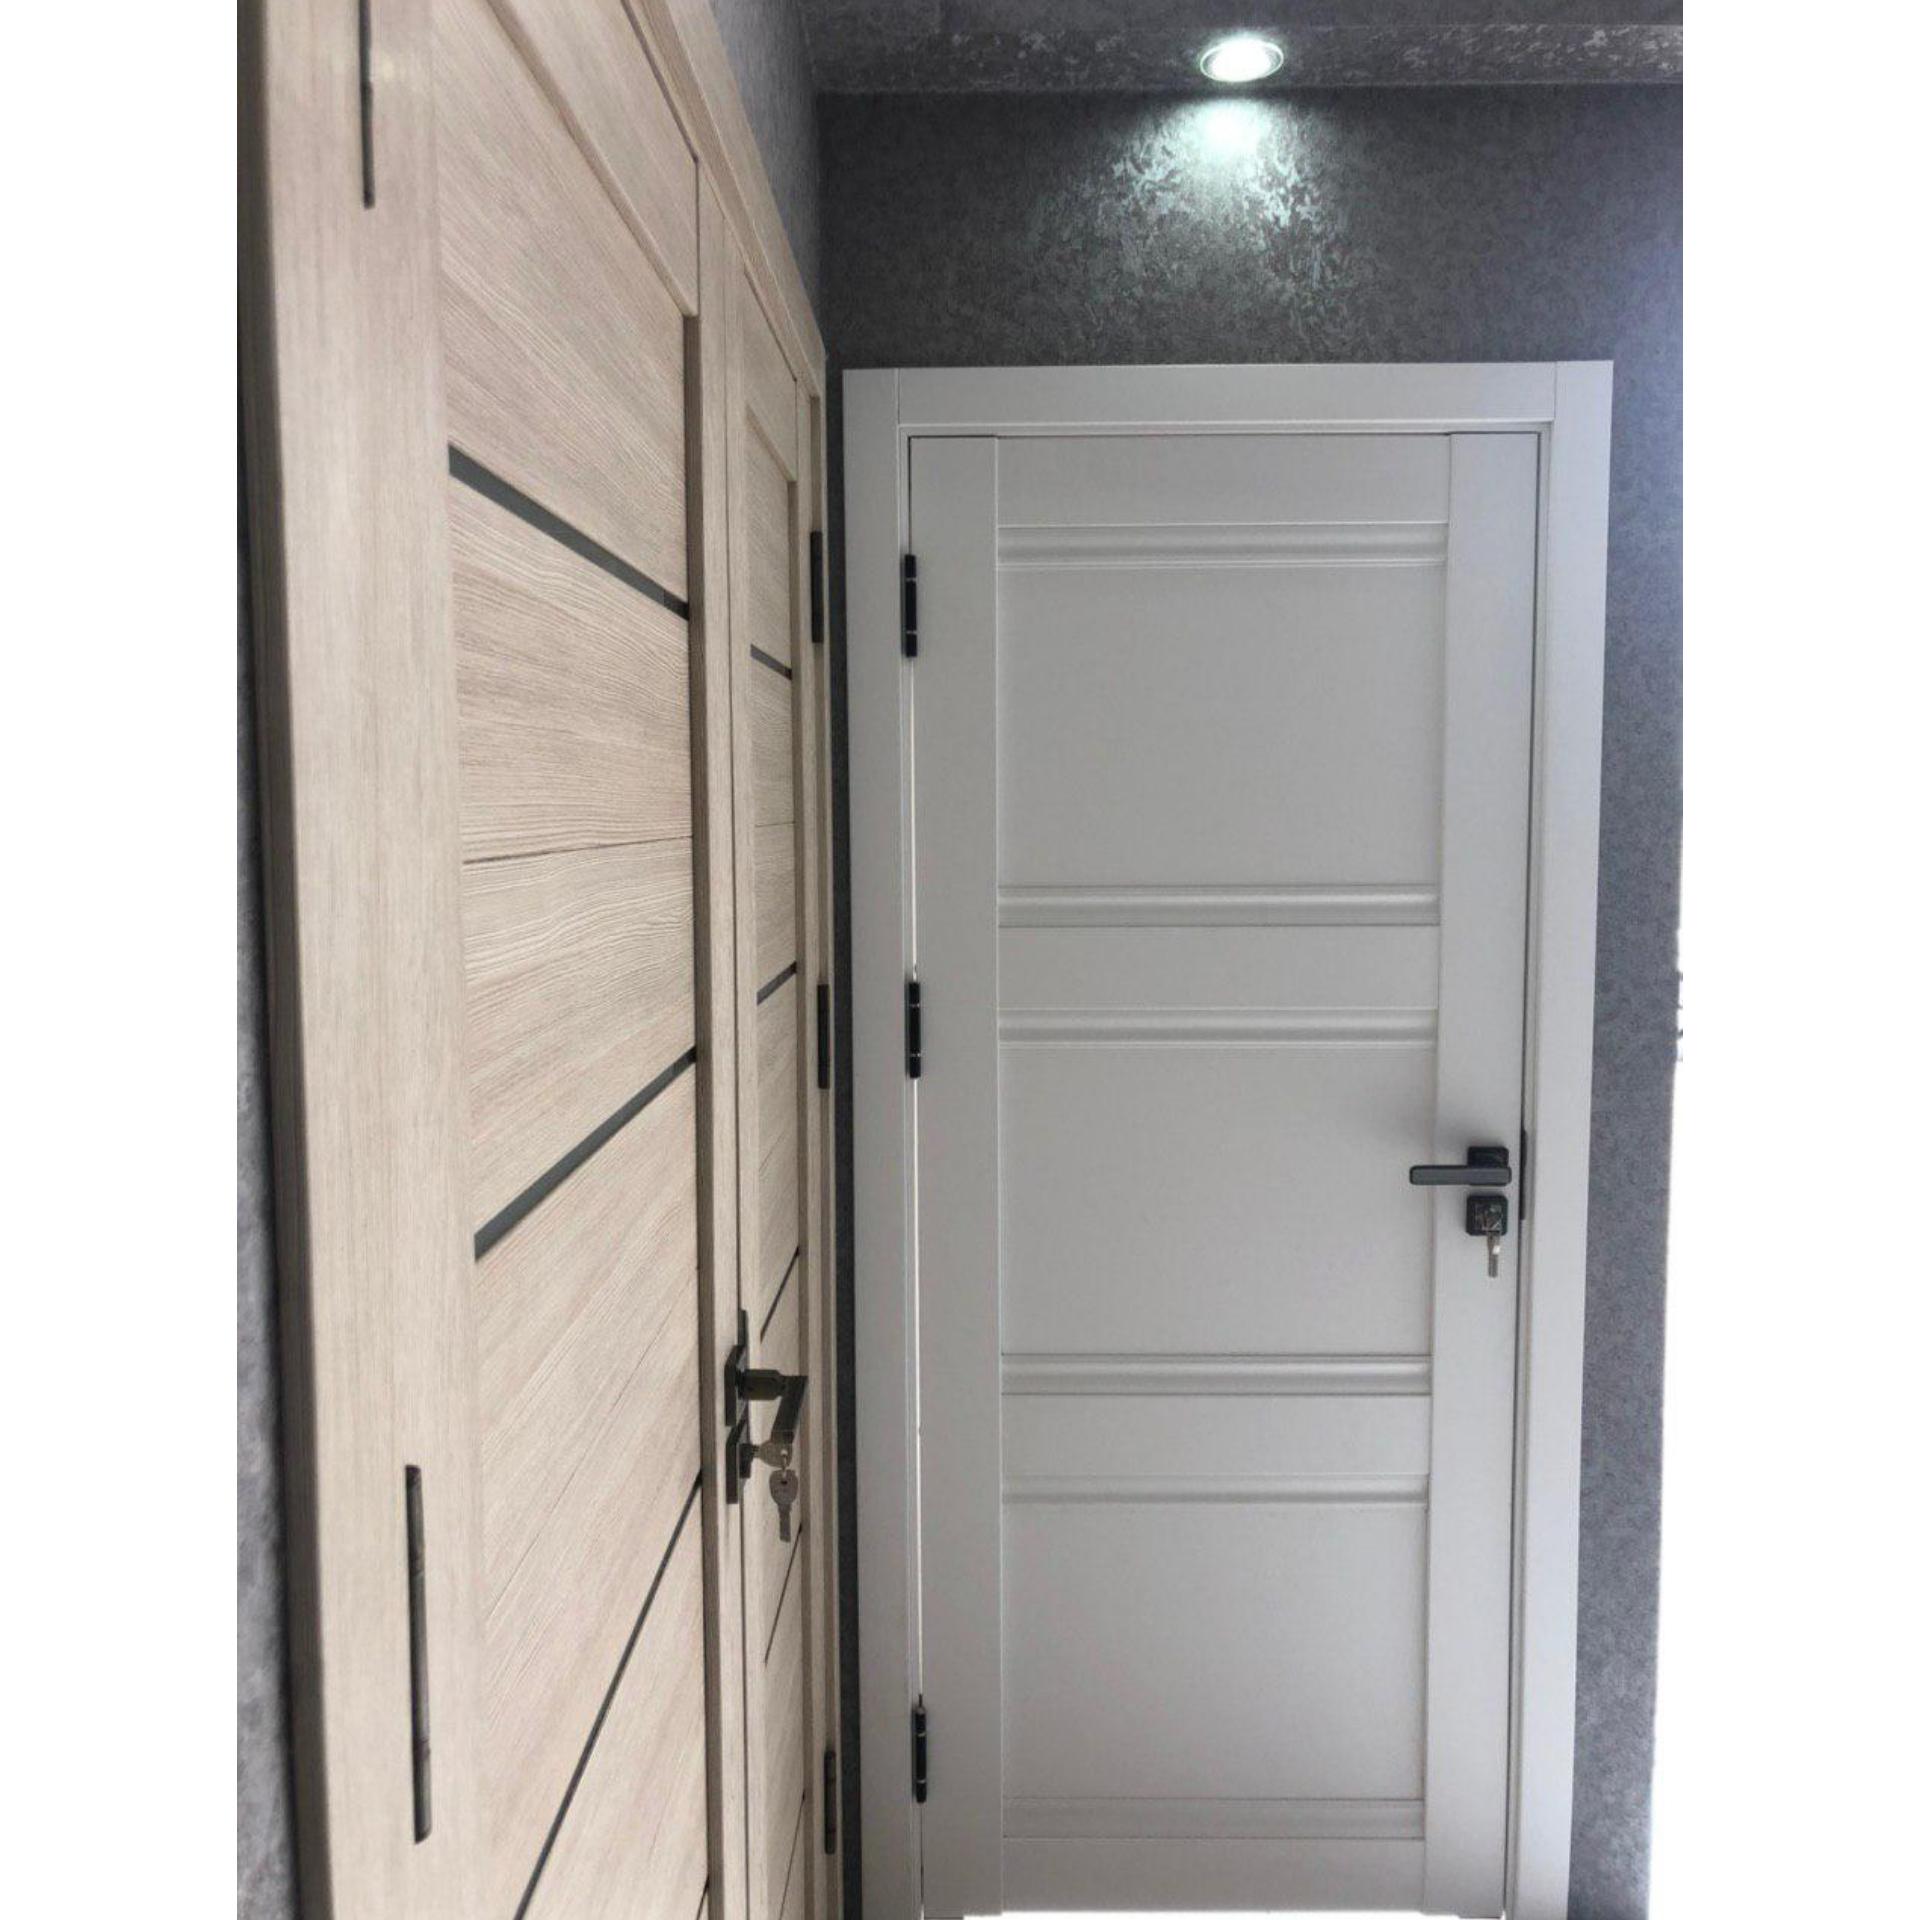 Установка межкомнатных дверей Йошкар-оле